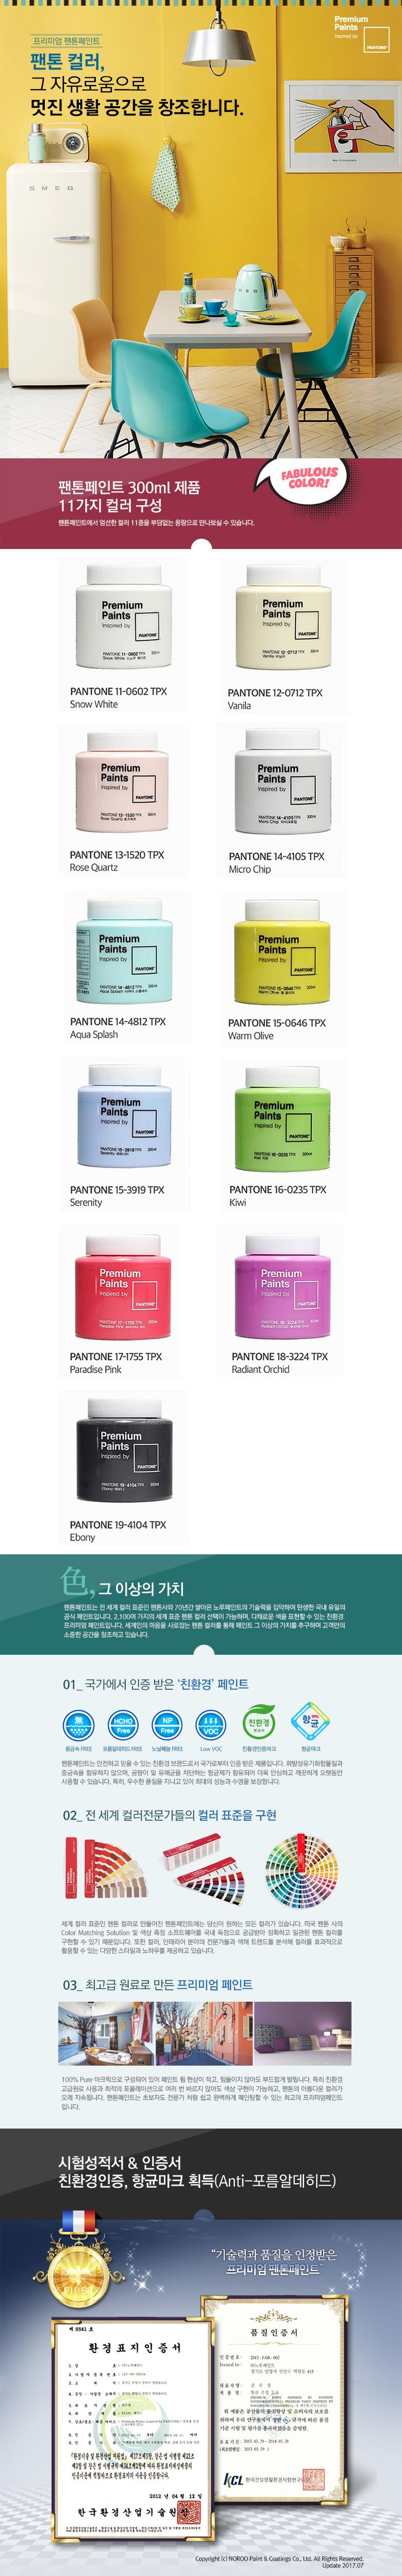 팬톤프리미엄페인트(300ml/파라다이스핑크/노루페인트) - 오피스디포, 7,800원, 금속/섬유전용물감, 금속물감